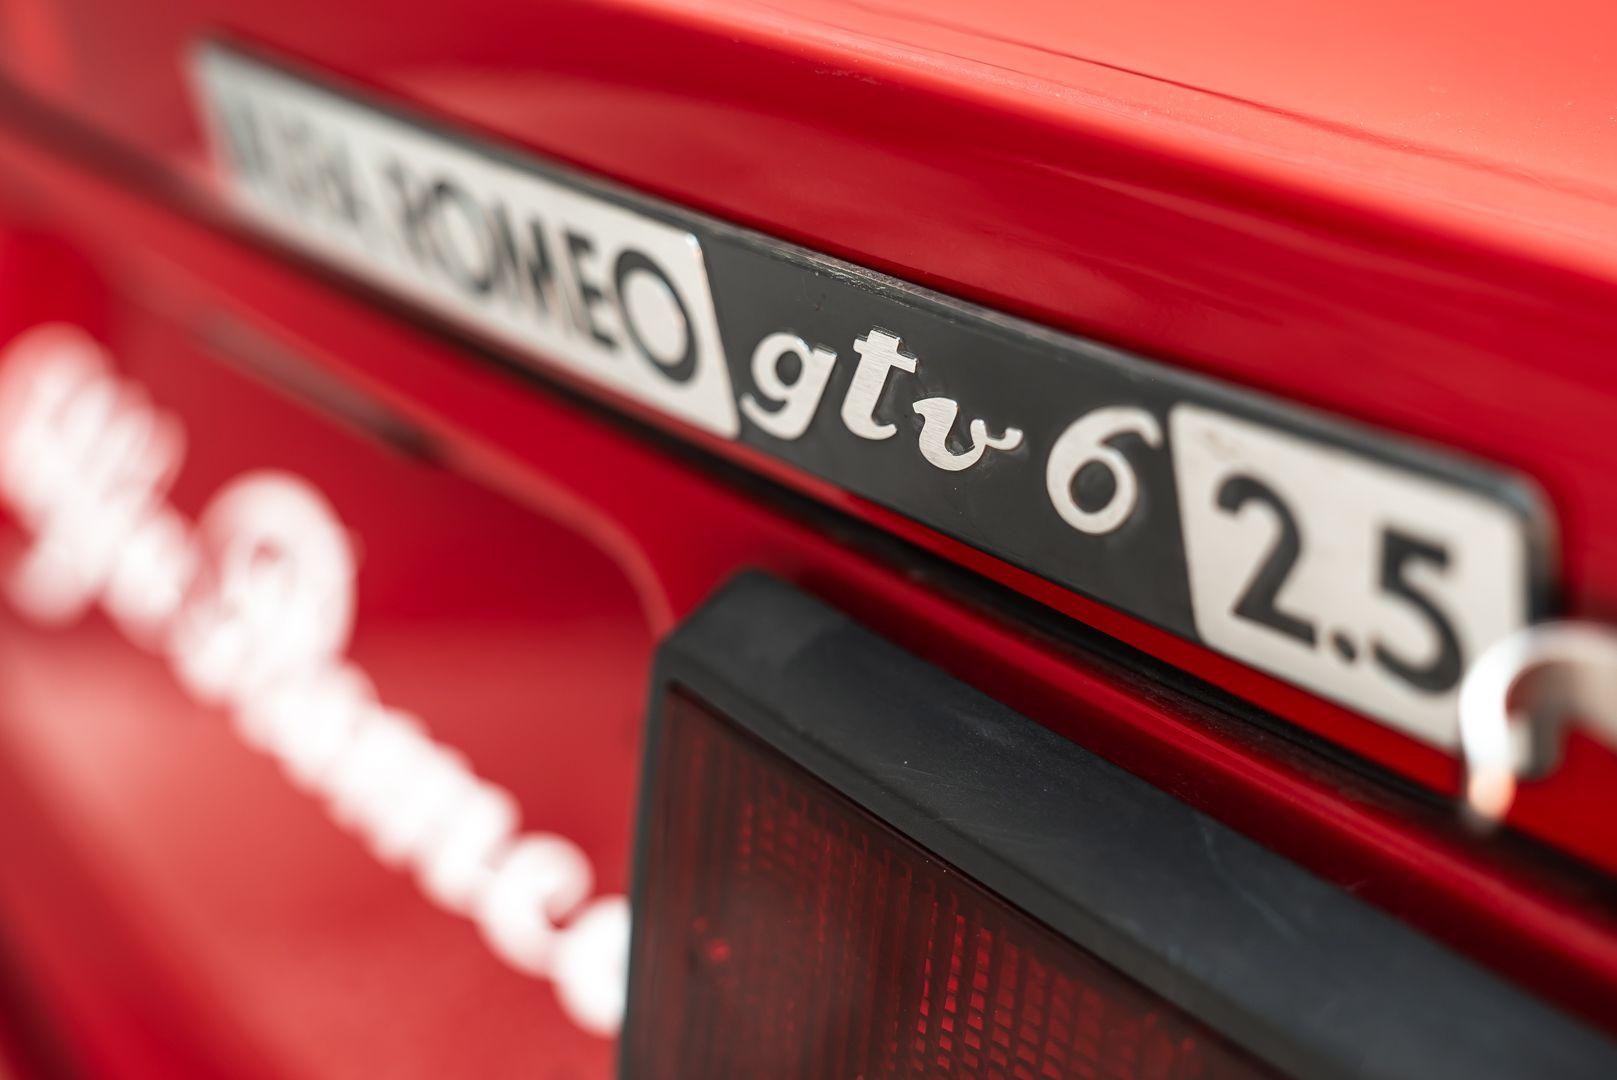 1981 Alfa Romeo GTV V6 2.5 Gr.2 Corsa 80102